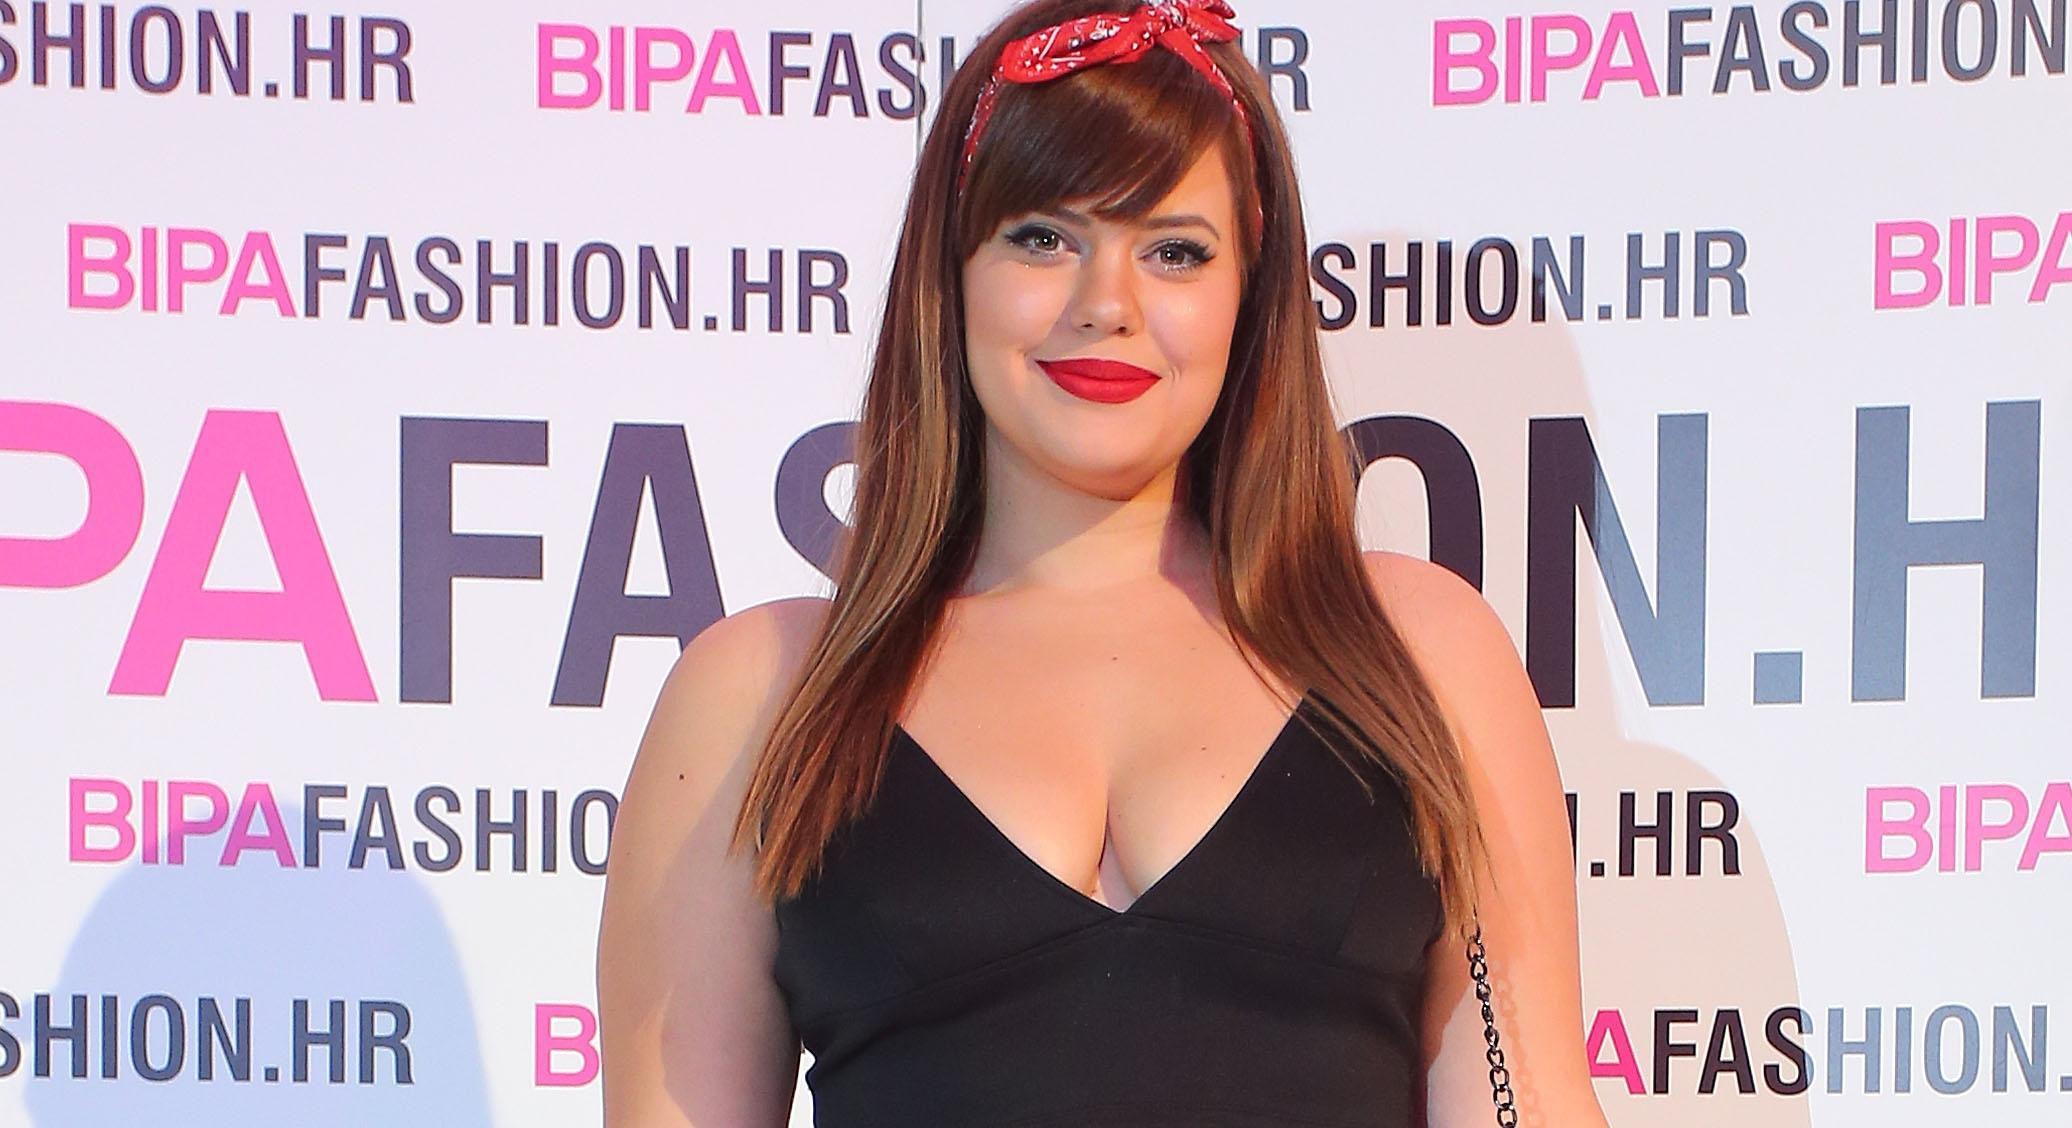 Lucija Lugomer pojavila se na zadnjoj večeri BIPA Fashion.hr-a u minijaturnom topiću